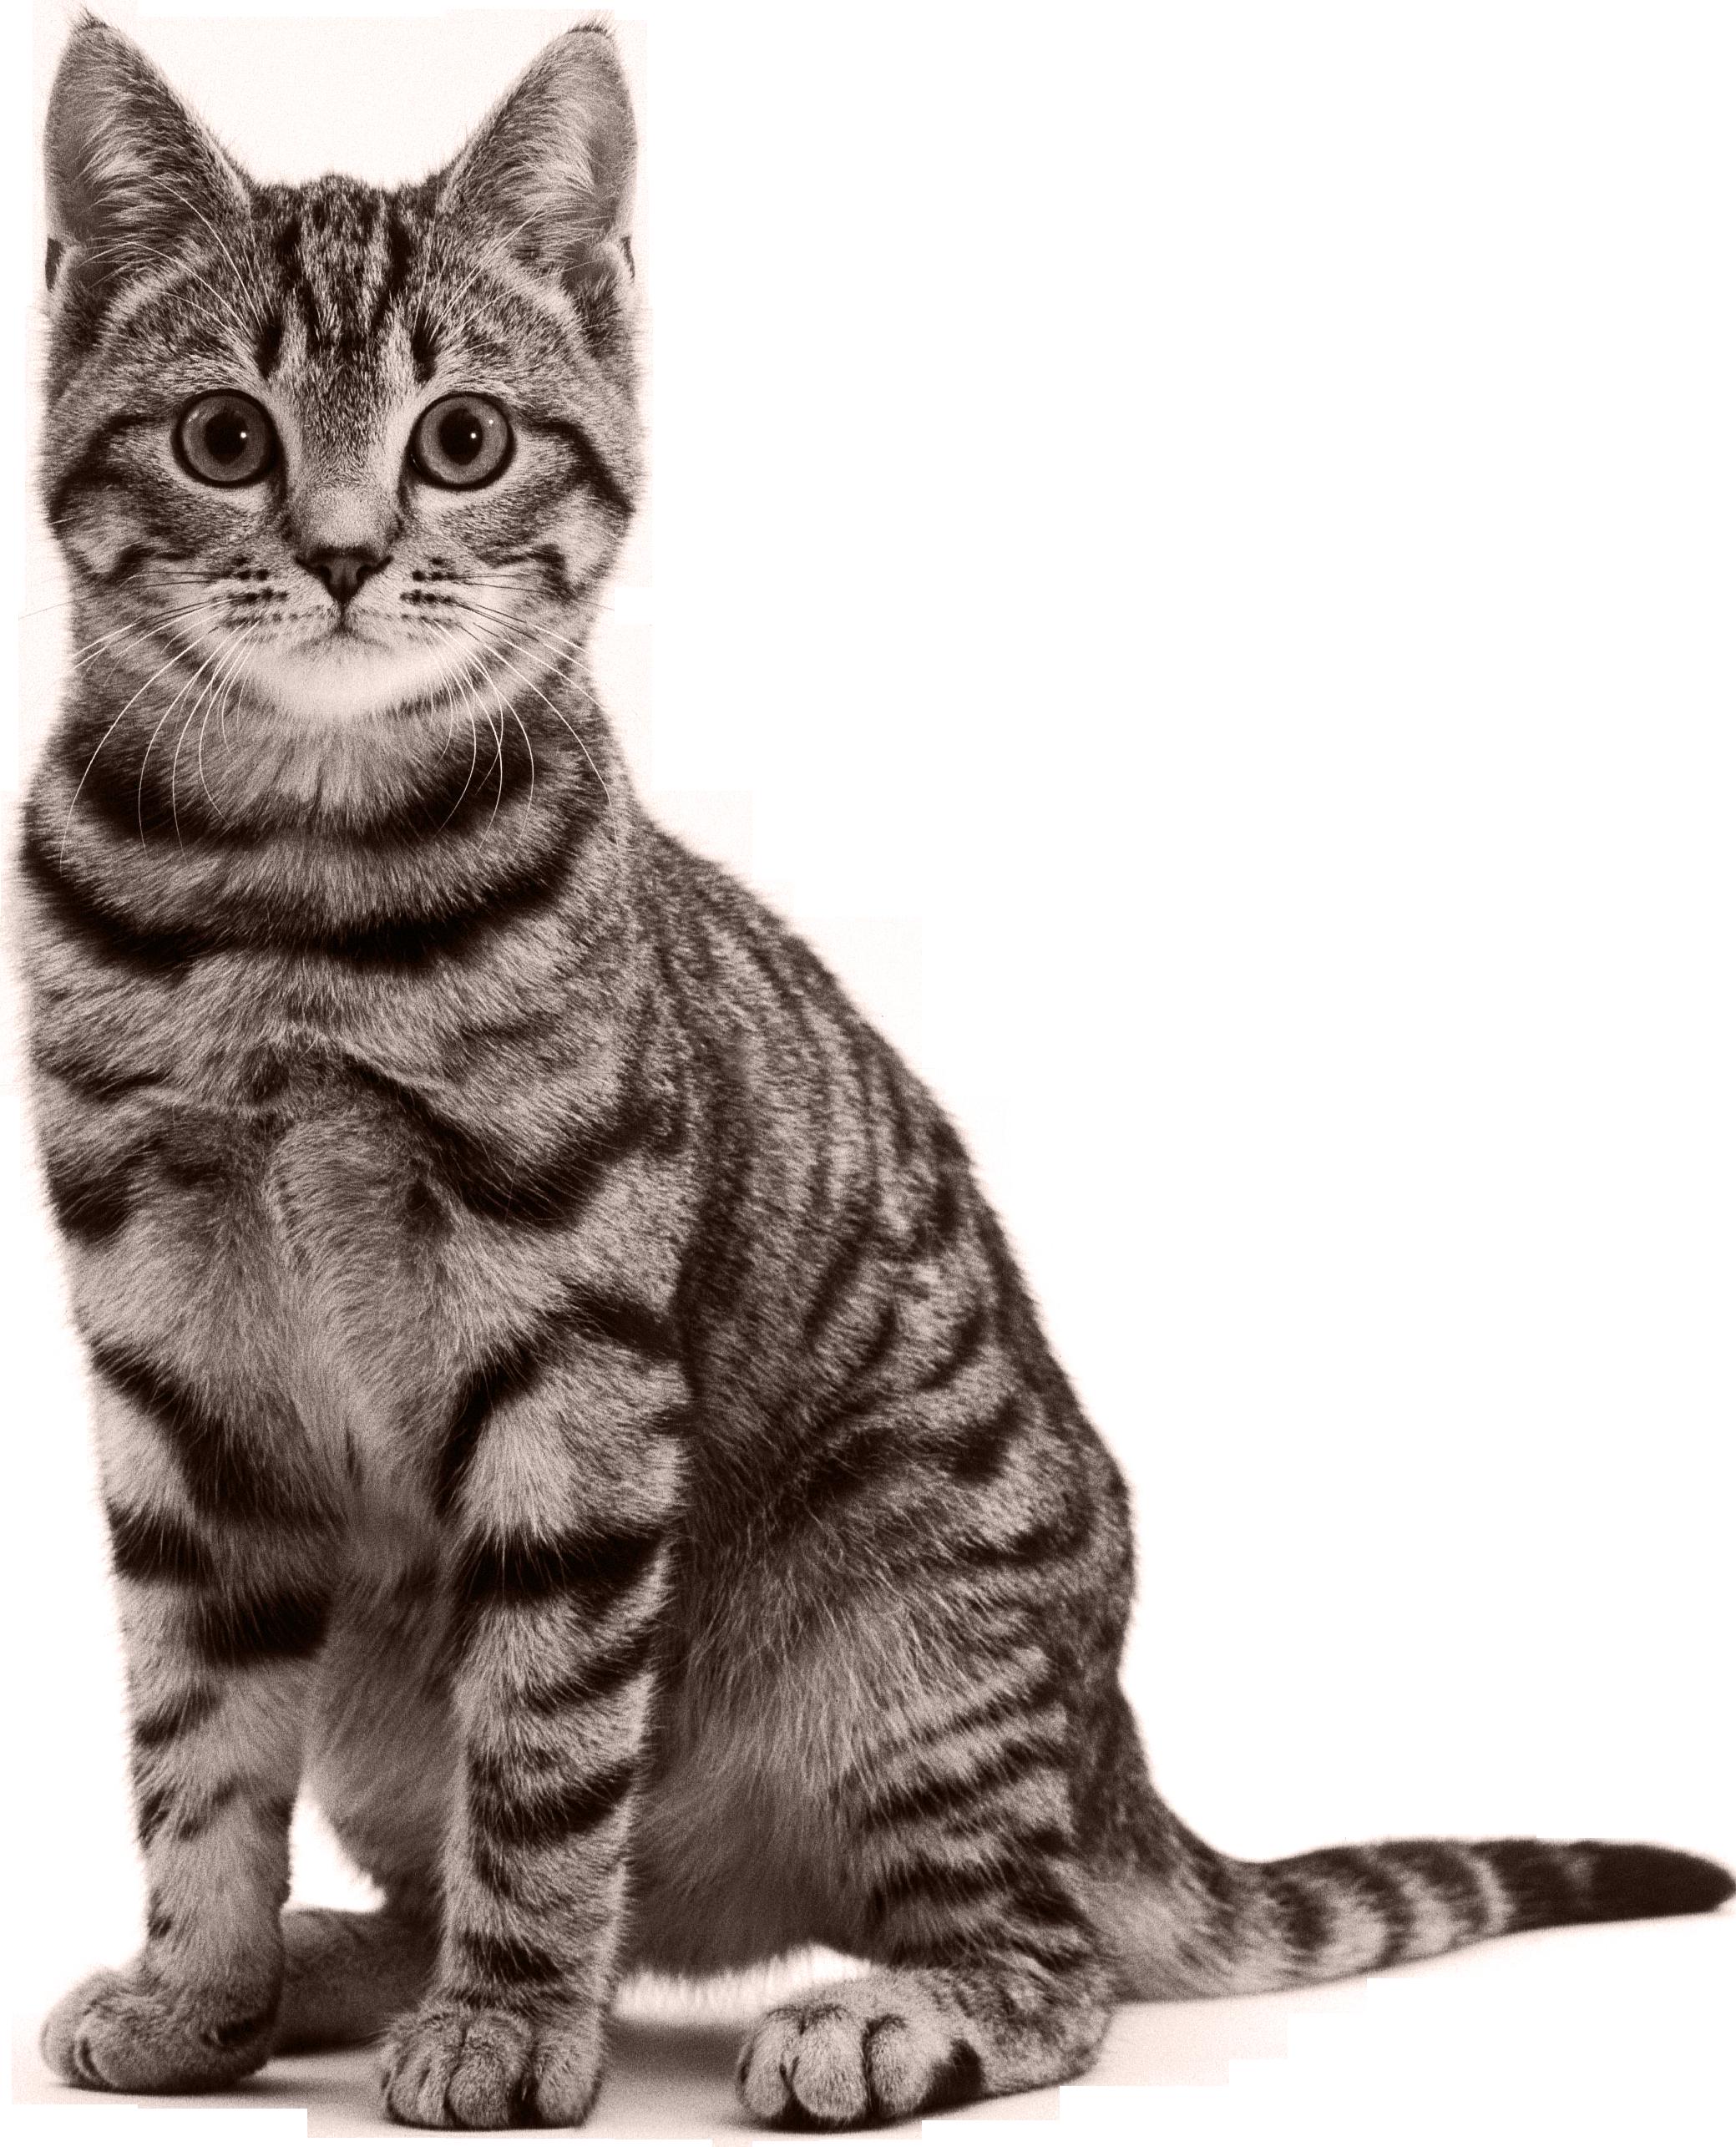 Cat PNG - 23027